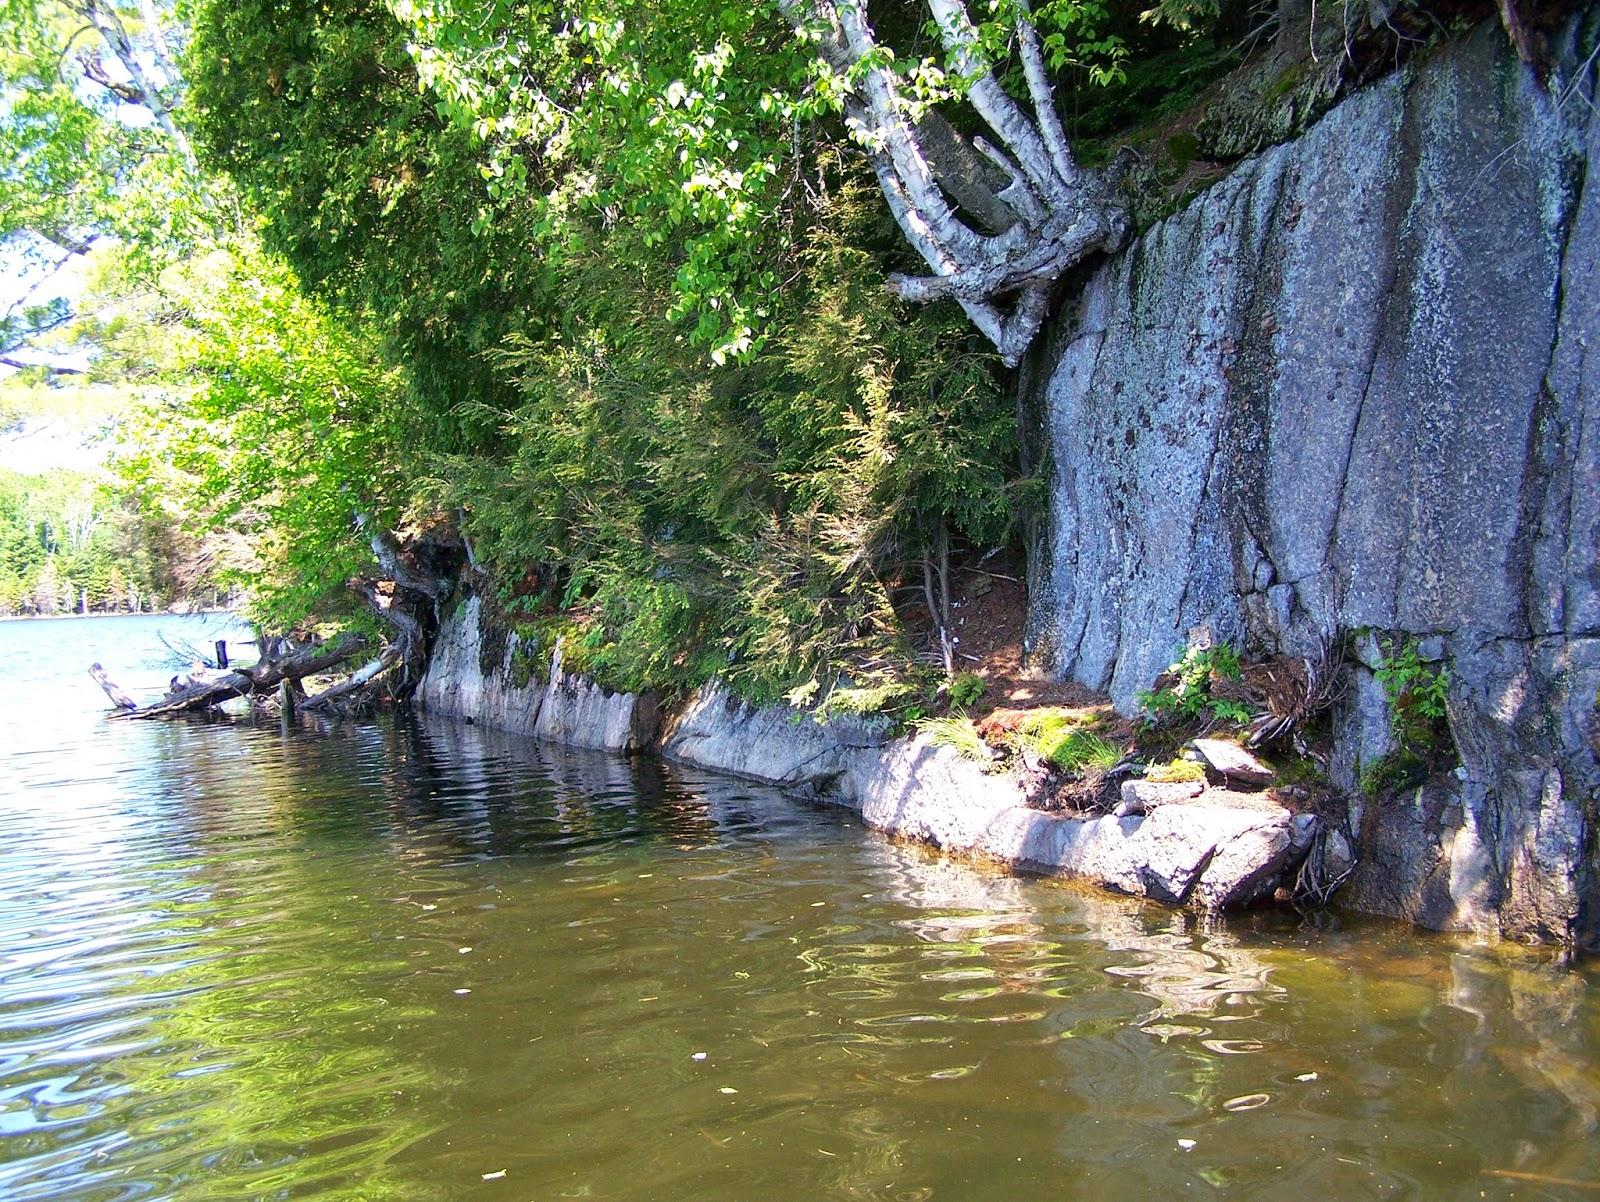 Pêche à la truite région Montréal, parlons pêche, Daniel Lefaivre, pêche, pêche arc-en-ciel, lac à truite